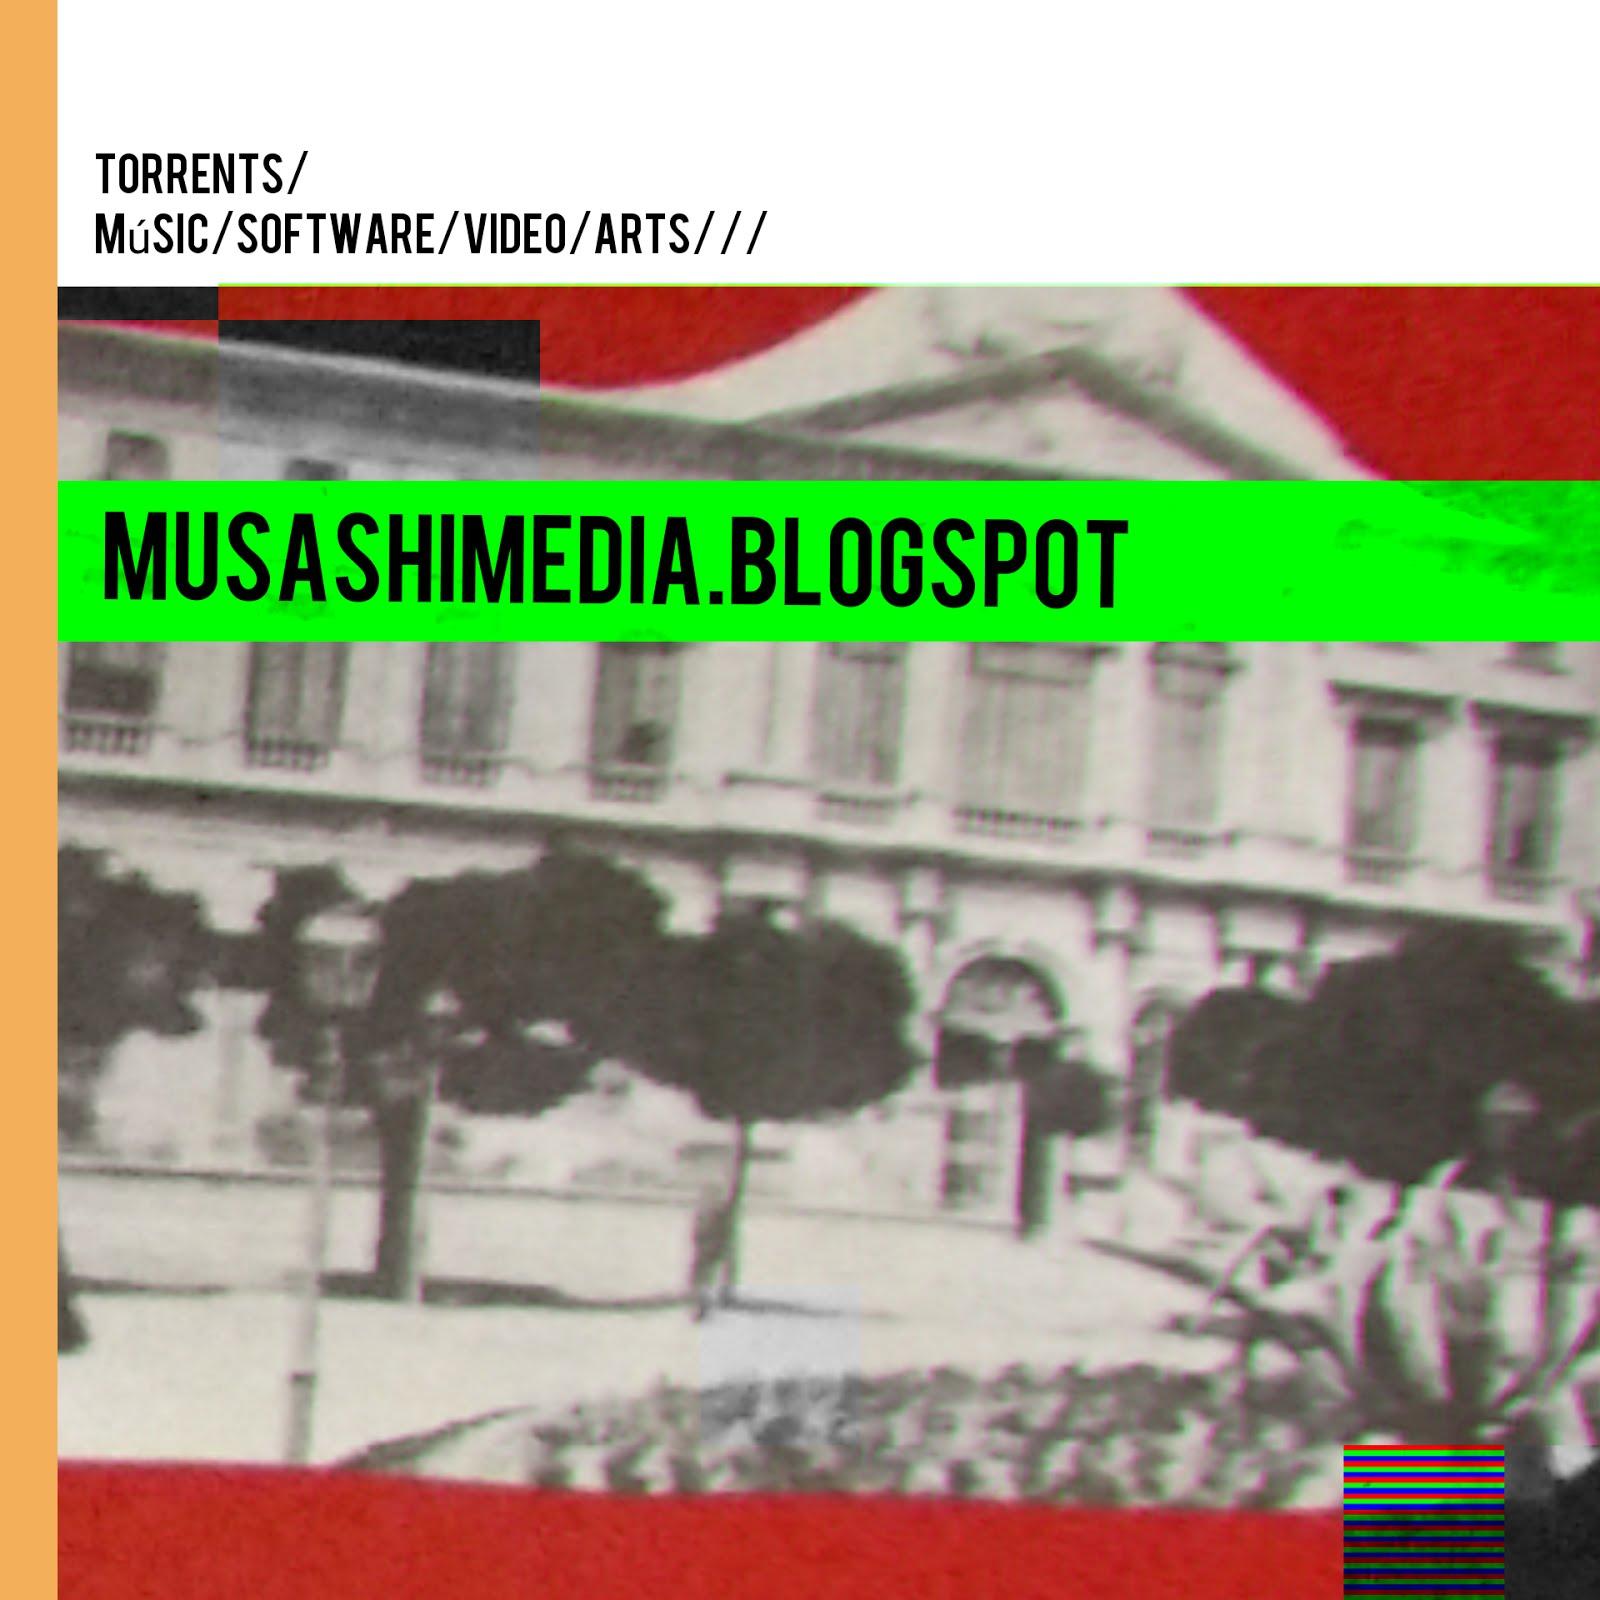 musashimedia.blogspot